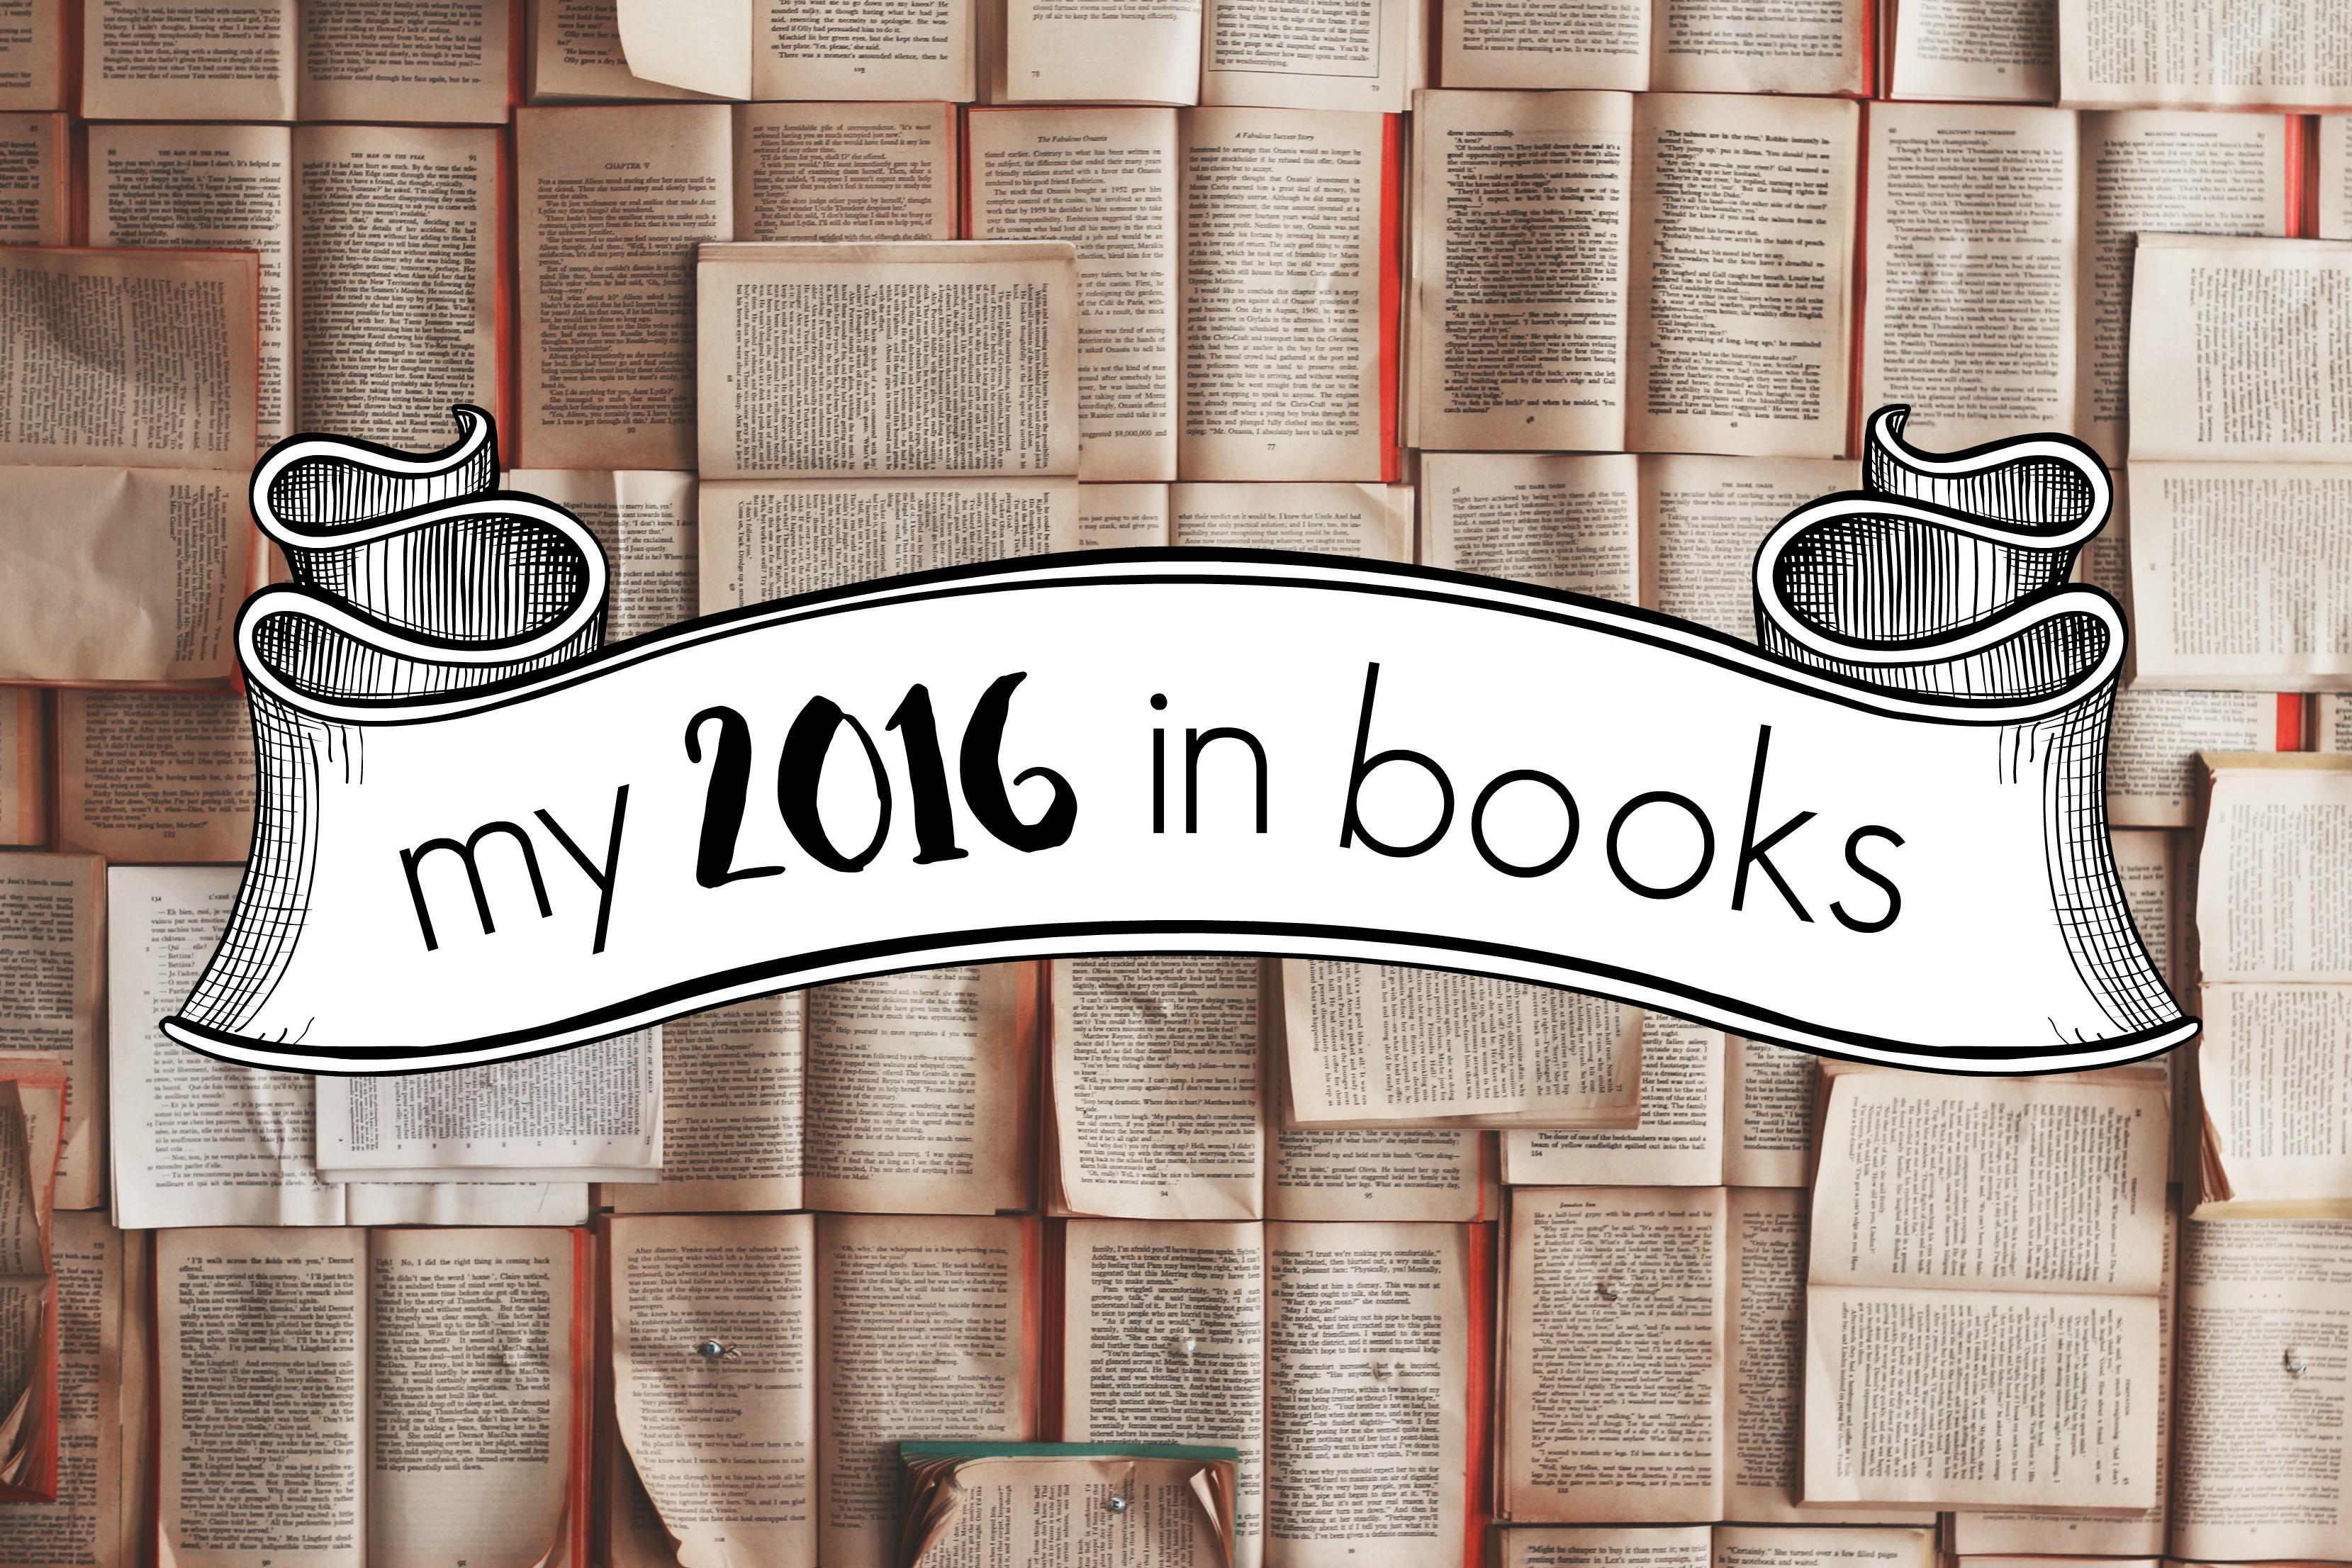 my 2016 in books.jpg